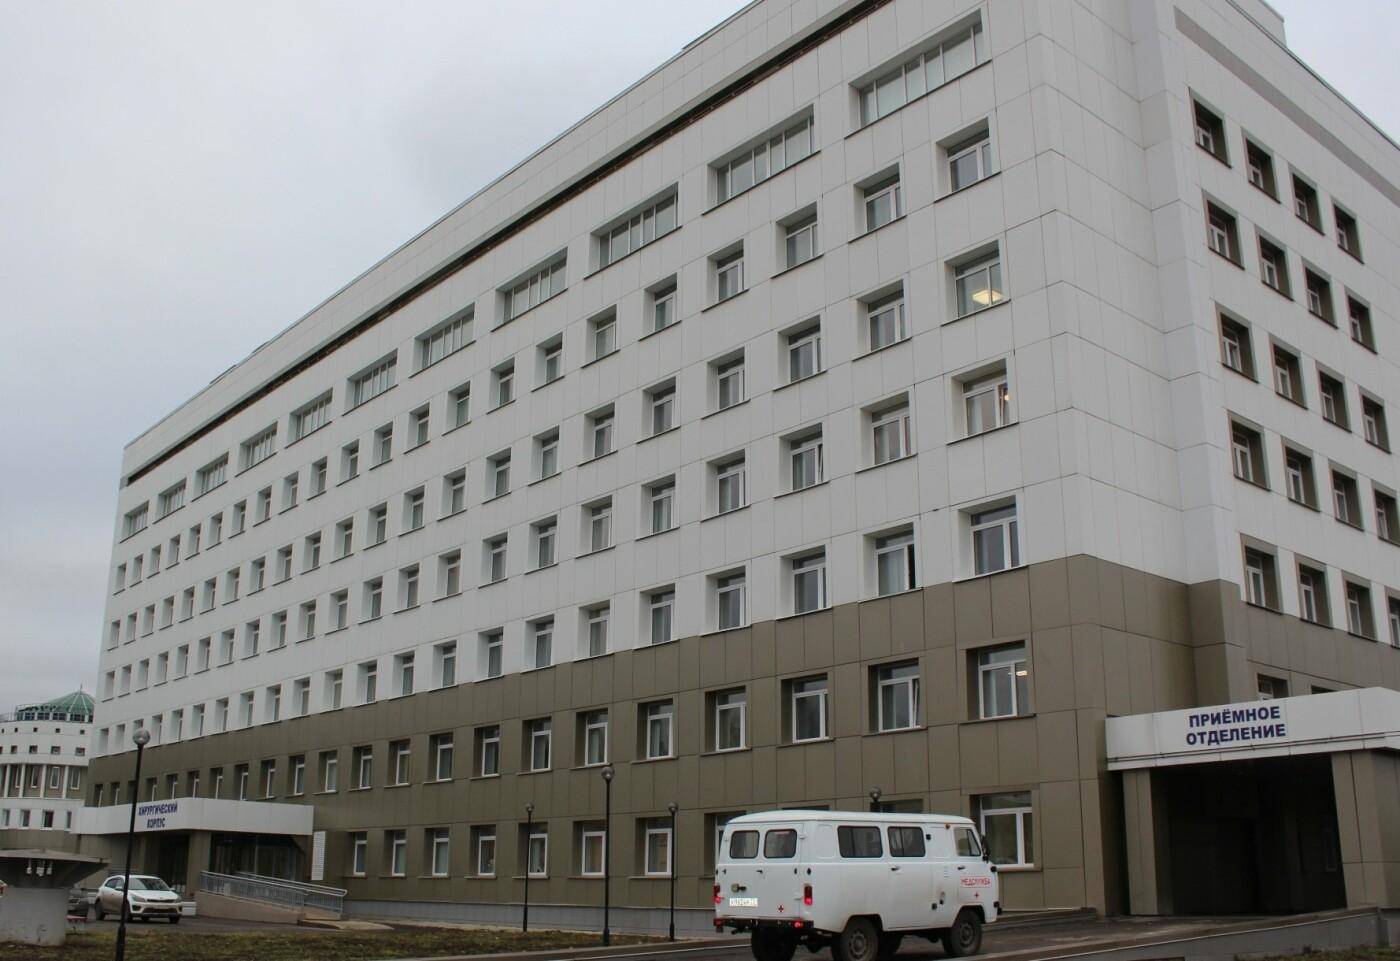 Экстренная медицинская помощь пострадавшим в ДТП будет оказываться в новом травмацентре, фото-1